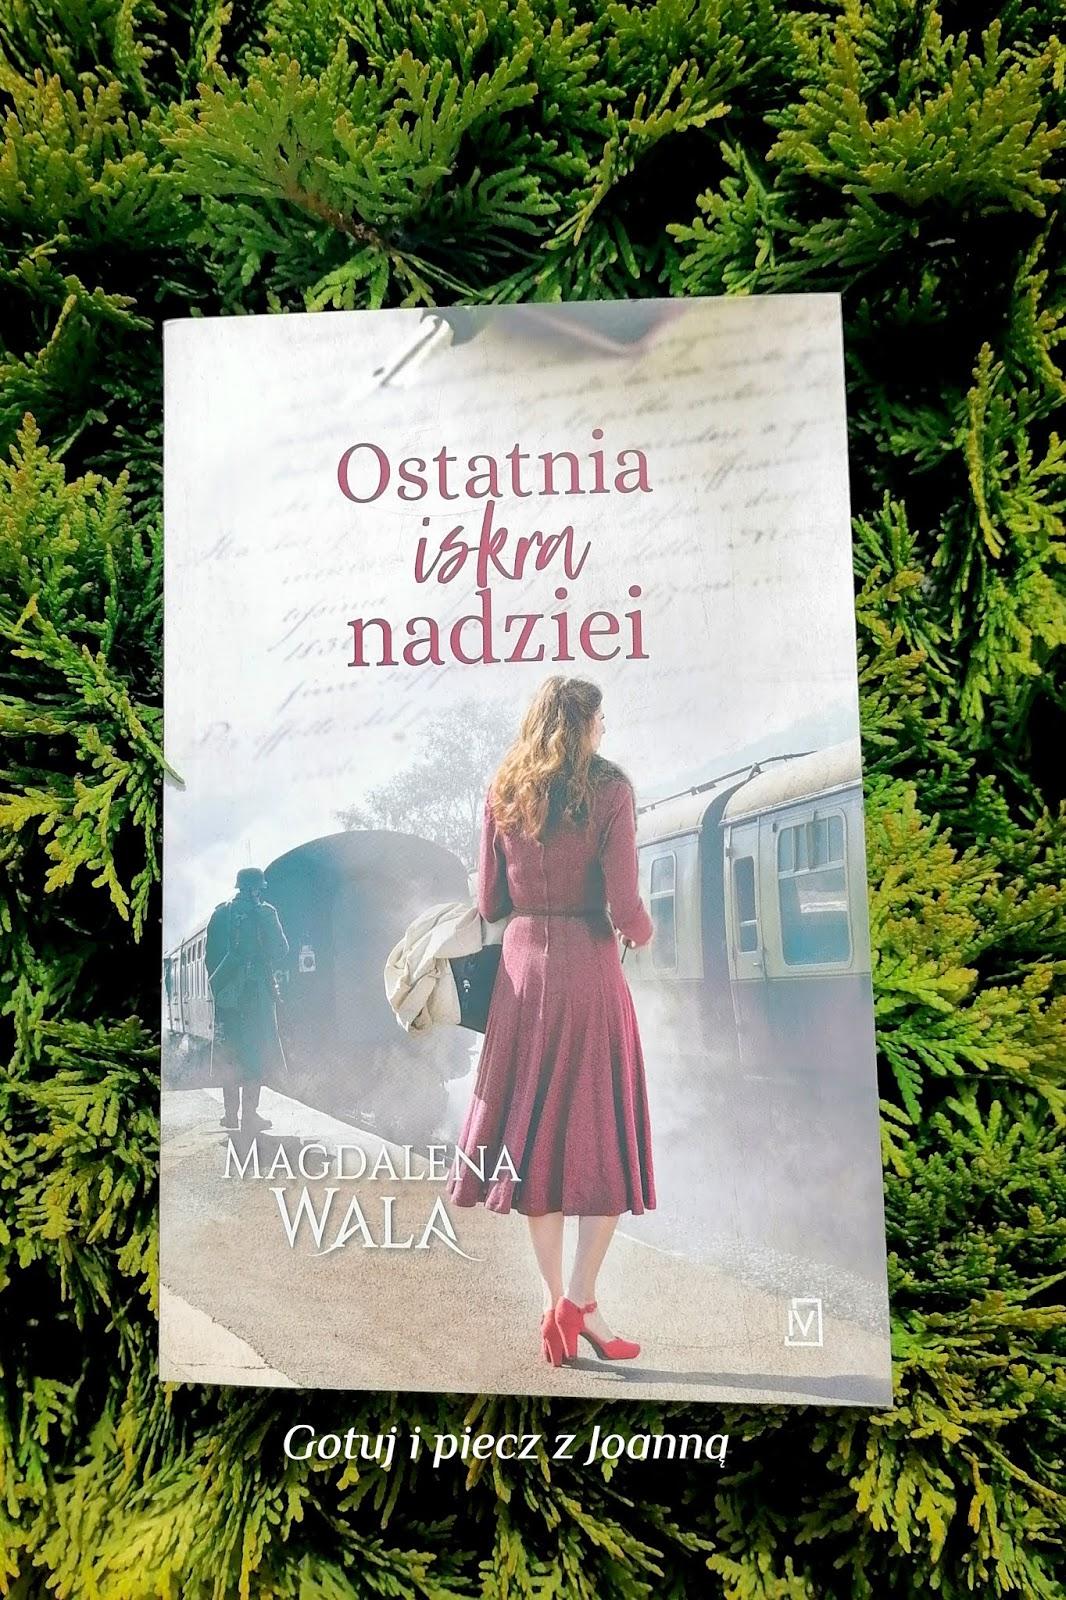 Ostatnia iskra nadziei - Magdalena Wala